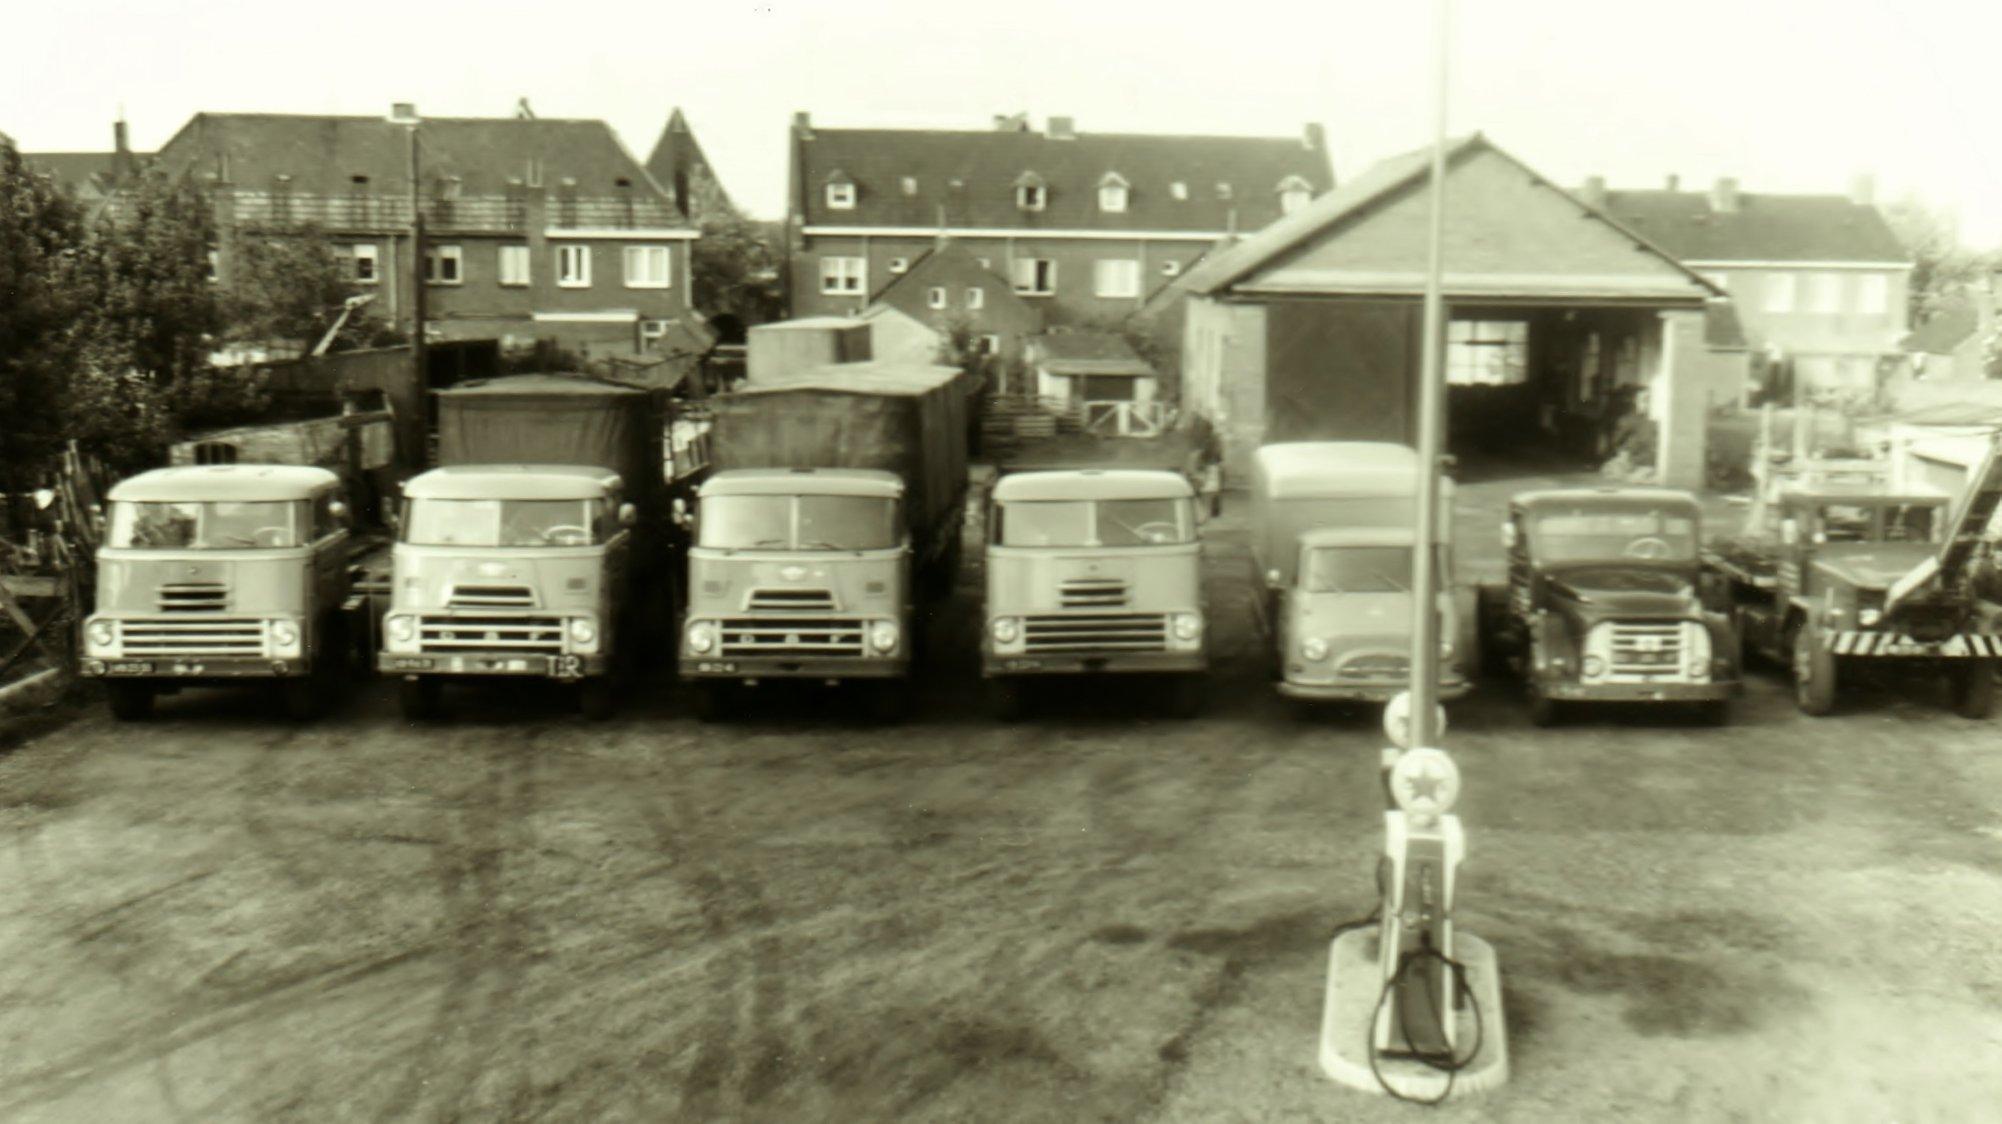 met-in-de-rechterhoek-een-REO-M35-waarmee-destijds-in-Tegelen-het-takelwerk-werd-verricht-bij-verkeersongelukken--Harrie-Schreurs-archief-